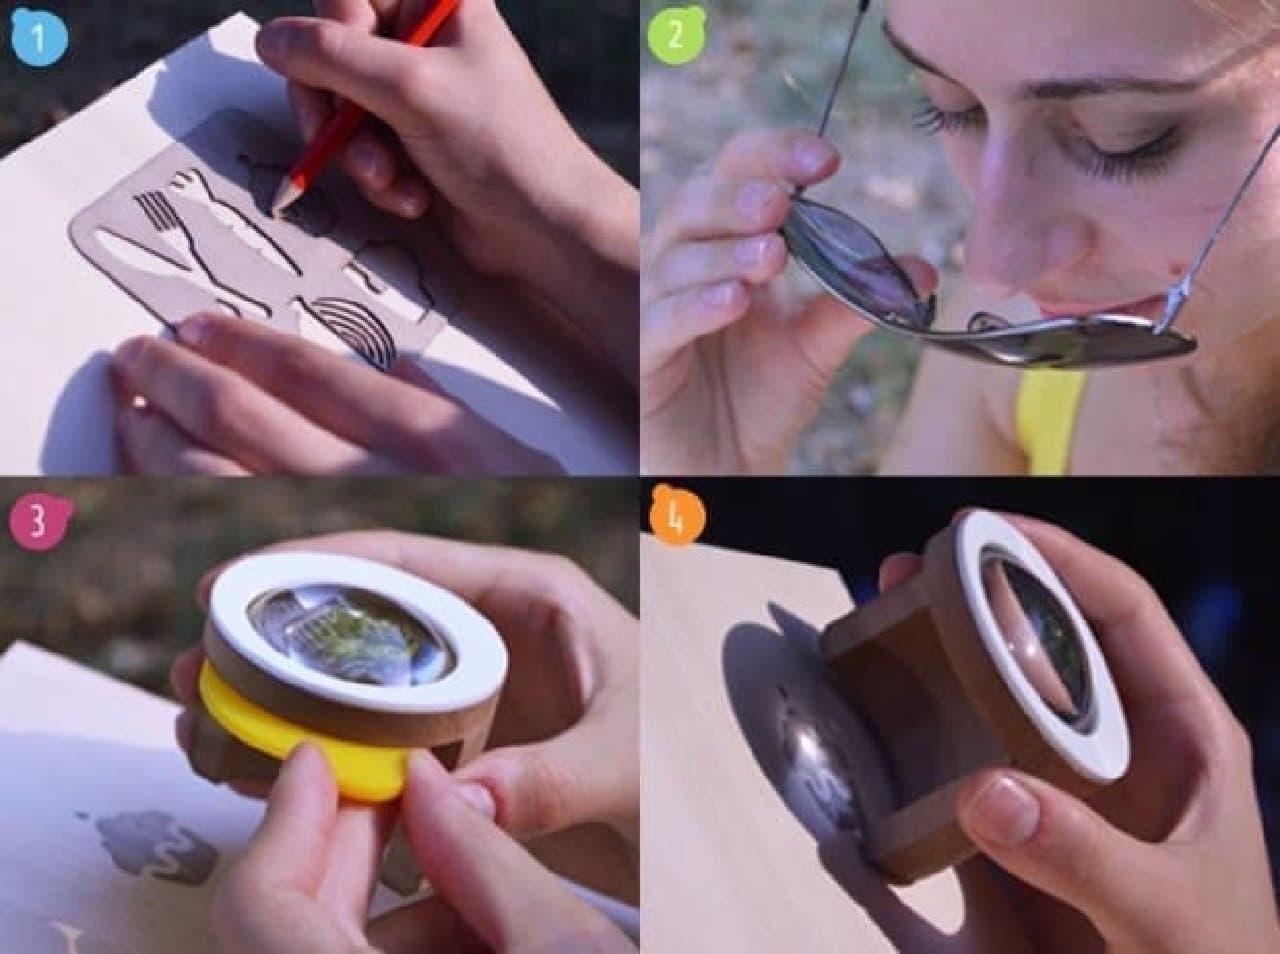 「FEBO」を使った熱彫刻手順  1. 鉛筆で下書きし  2. サングラスを装着  3. 「FEBO」のセイフティフィルターを外したら  4. 熱彫刻を開始